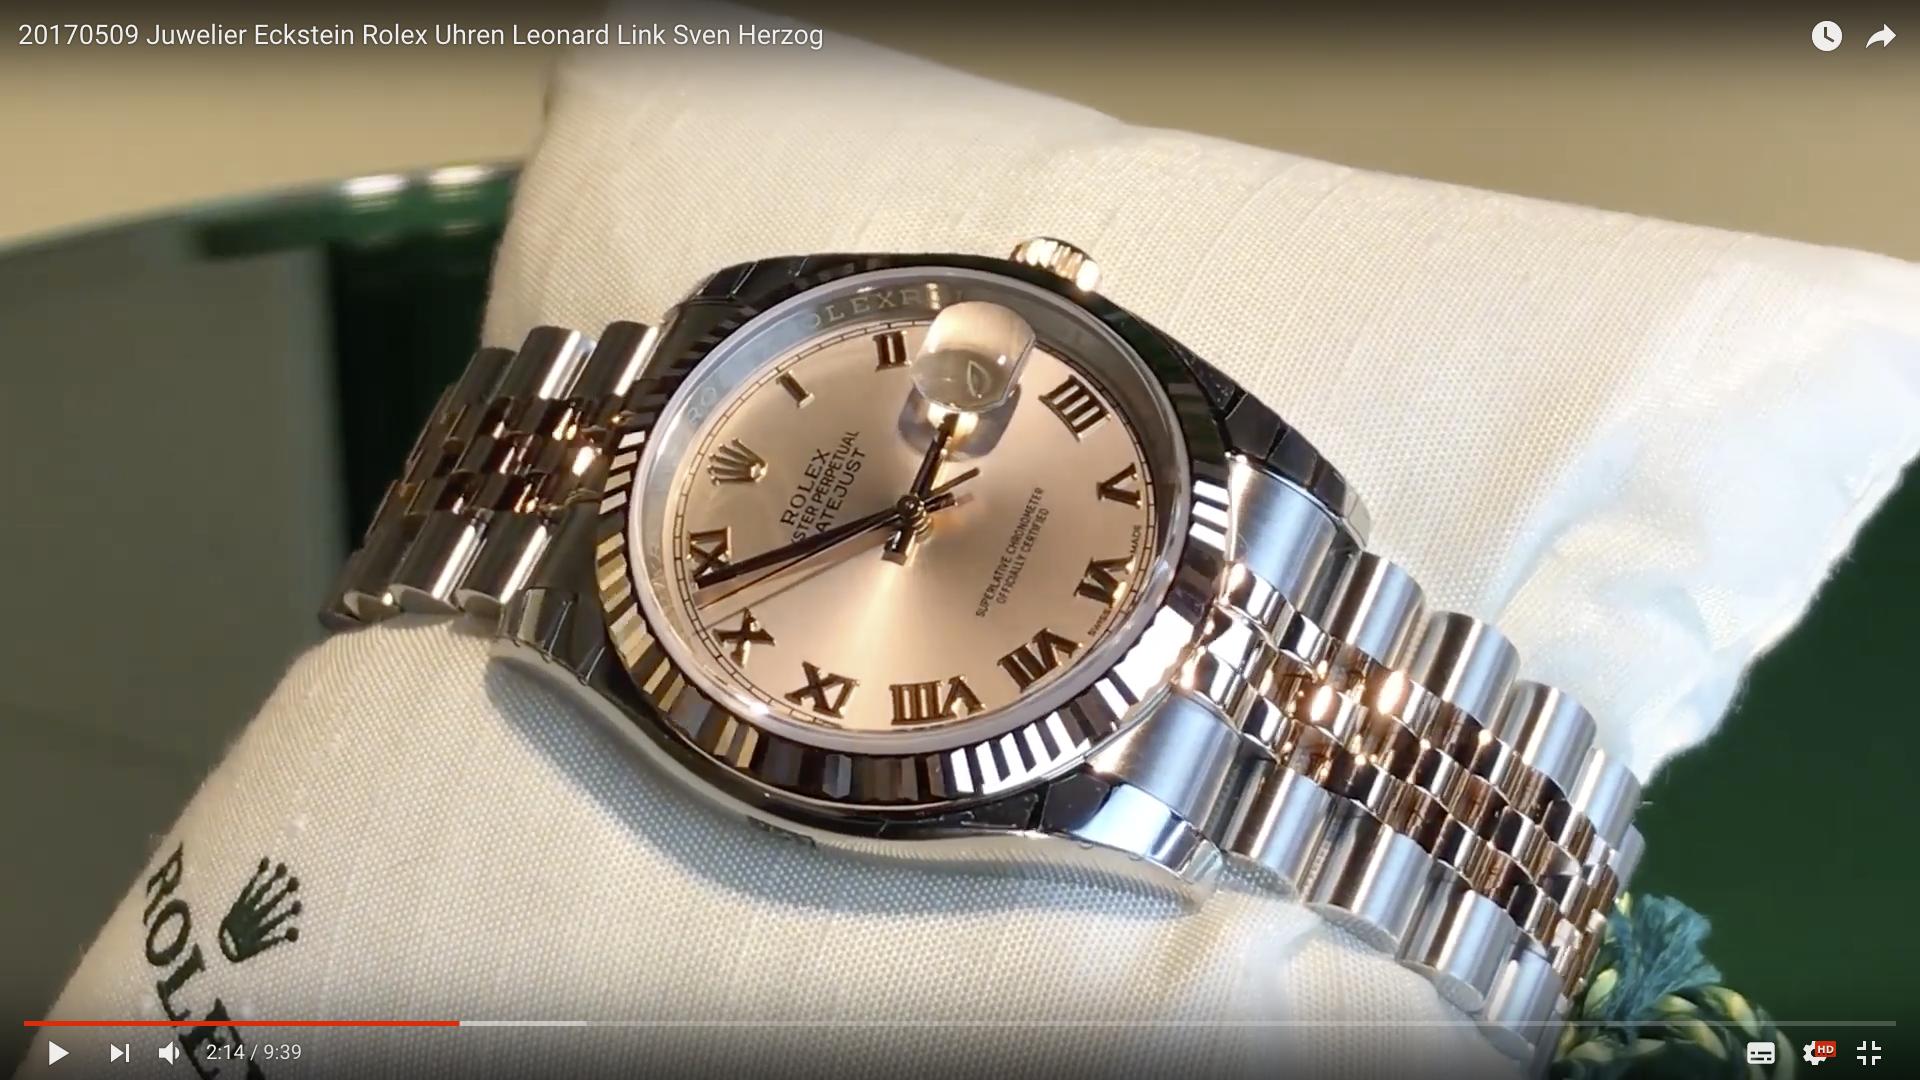 2017 Juwelier Eckstein Rolex Uhren Stahl Rosé Gold_MSM_MEDIEN_SAAR_MOSEL_SAARLAND_FERNSEHEN_1_ED_SAAR